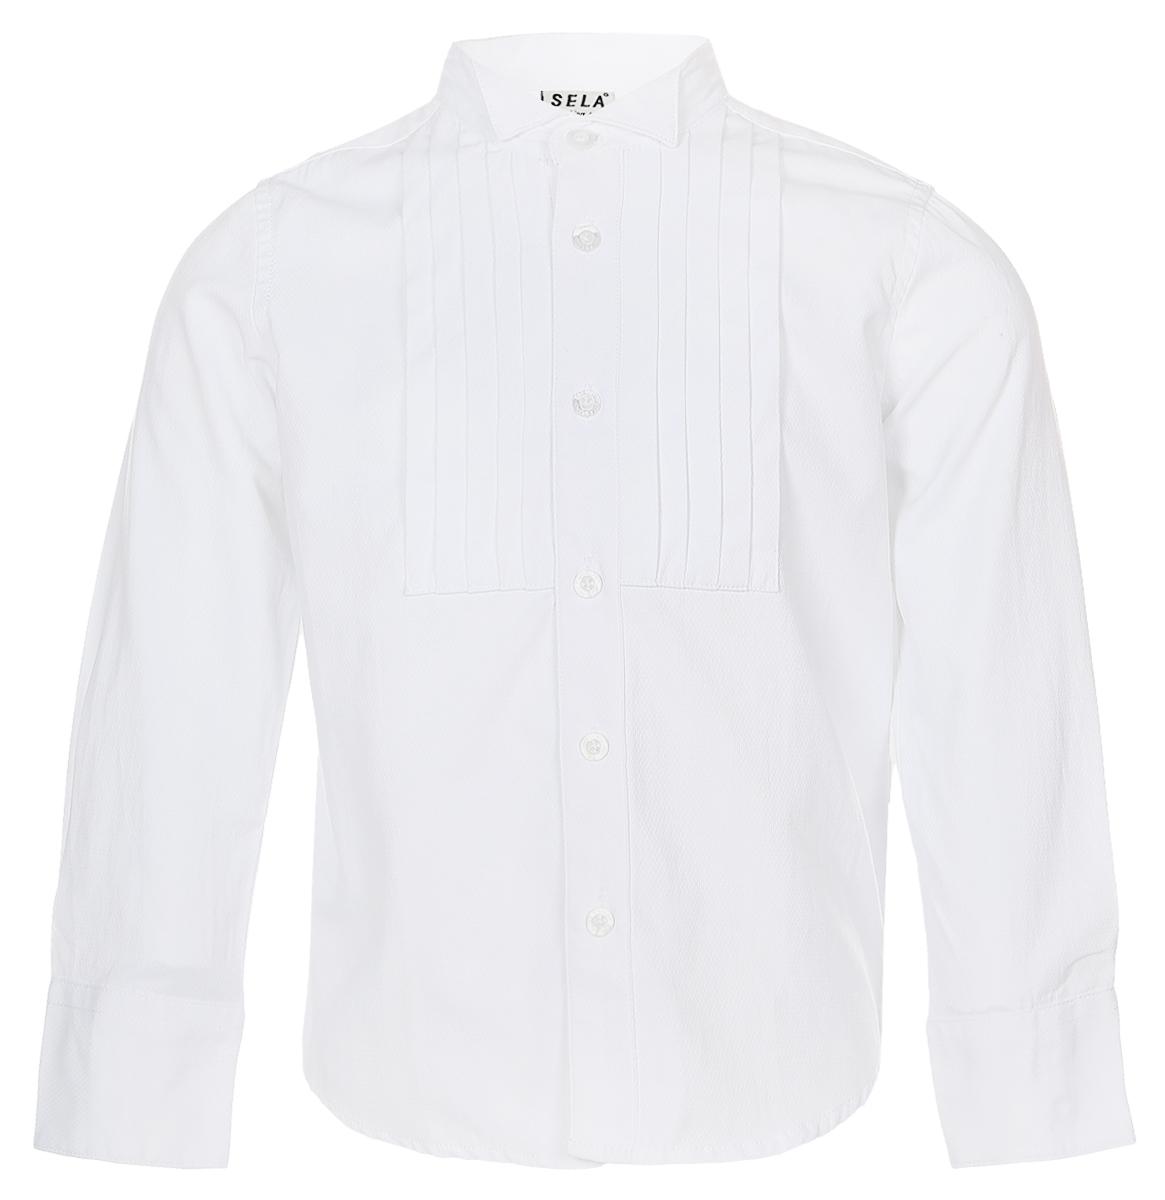 РубашкаH-712/447-6416Стильная рубашка для мальчика Sela изготовлена из качественного сочетания хлопка и полиэстера. Рубашка с длинными рукавами и воротником-стойкой застегивается на пластиковые пуговицы по всей длине. Манжеты рукавов также застегиваются на пуговицы. Классическая однотонная рубашка оформлена спереди горизонтальными складочками.